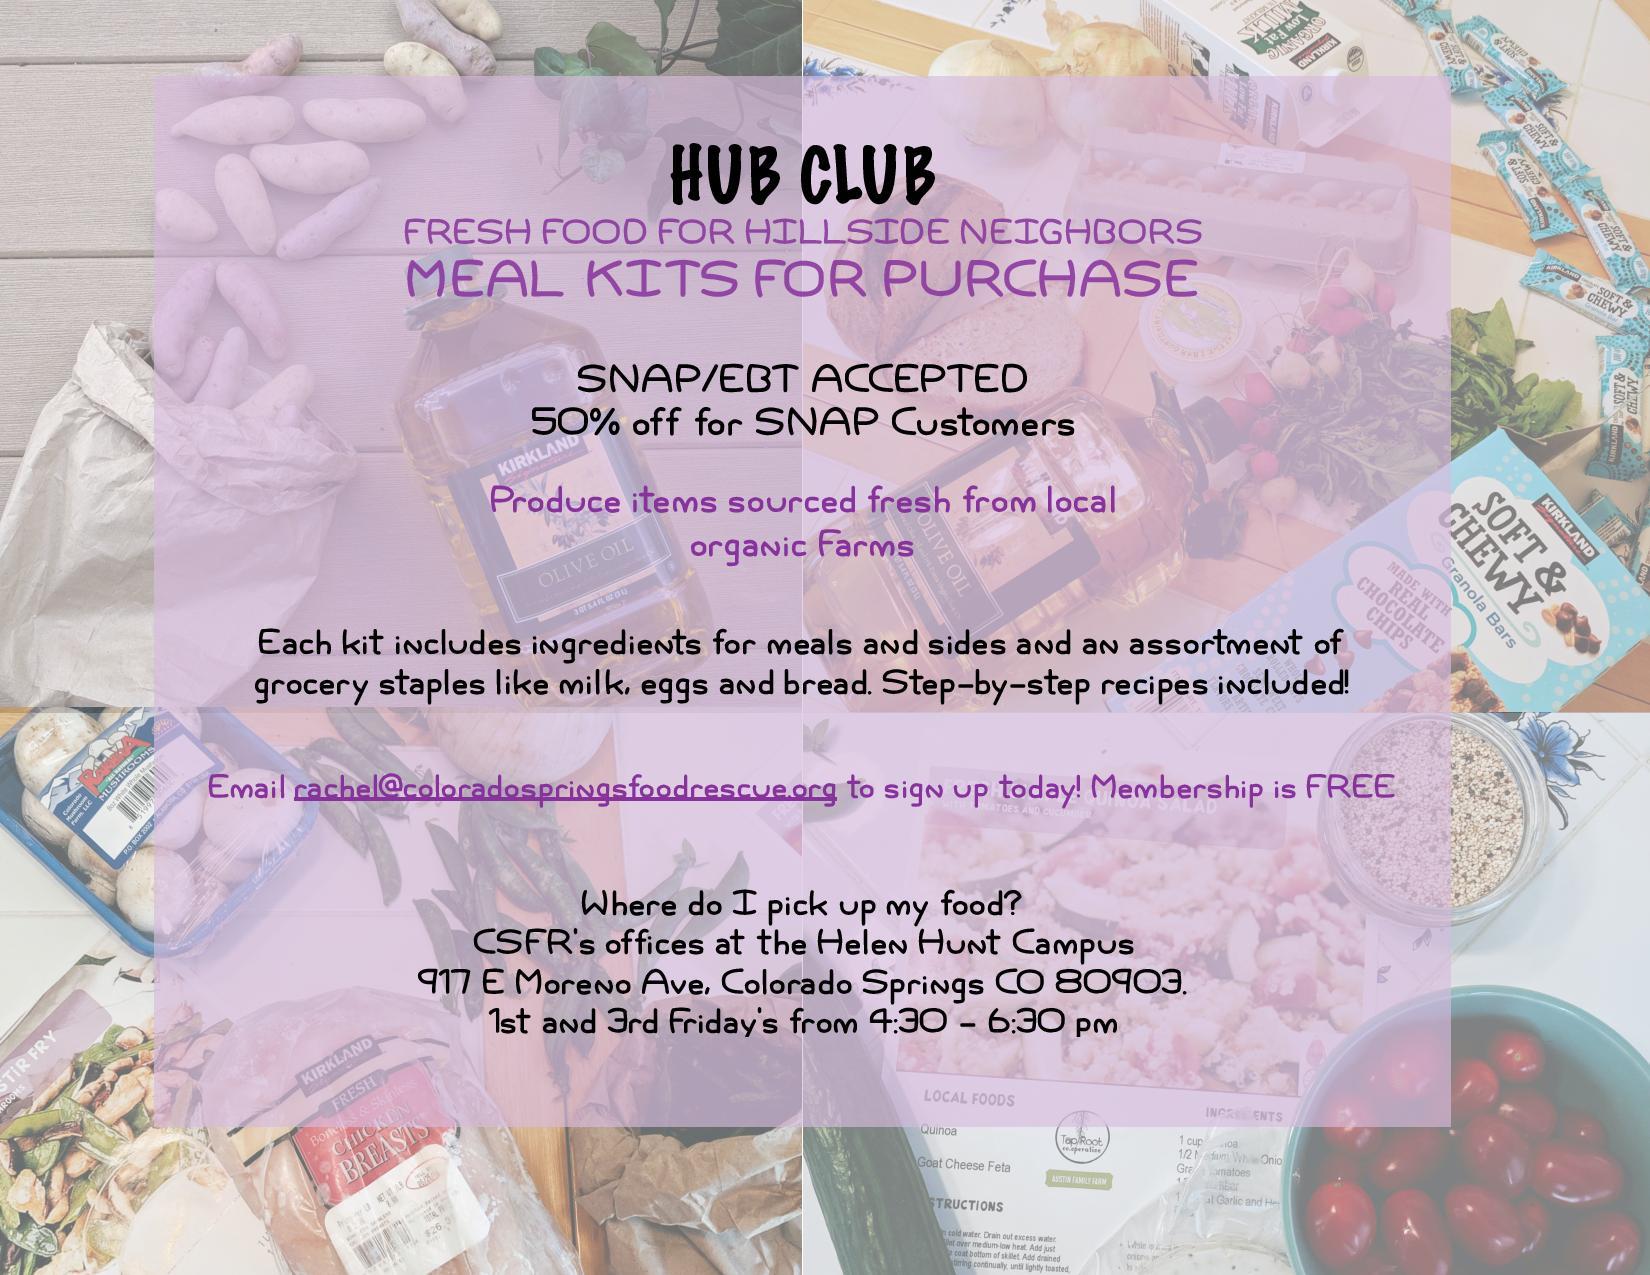 Hub Club July 2019-page-001 (2).jpg